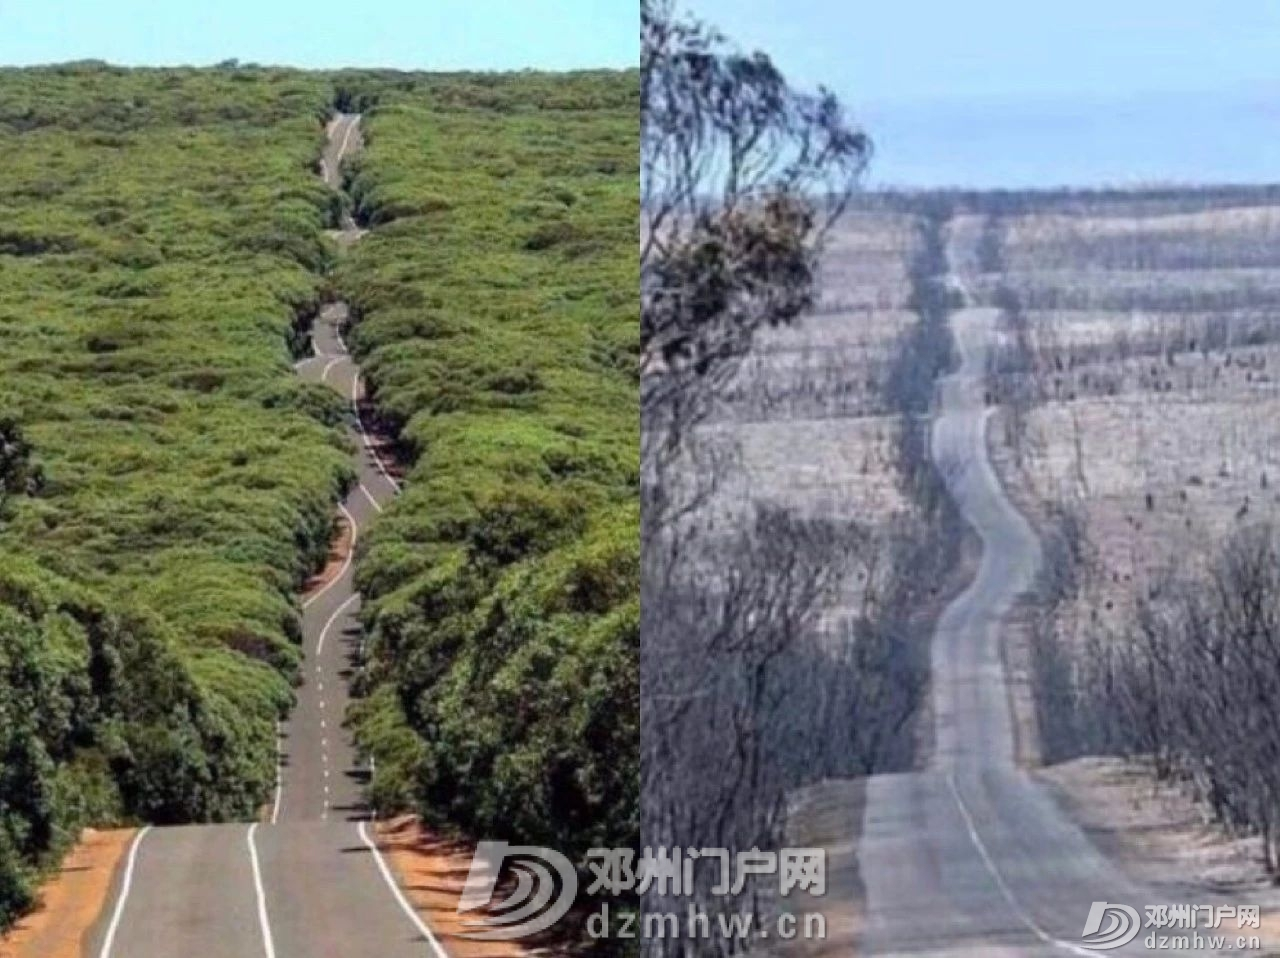 没有澳洲这场大火,我都不知道中国33年前这么厉害! - 邓州门户网 邓州网 - 10cdf9013c2d9fd3e26d267c163d243b.jpg